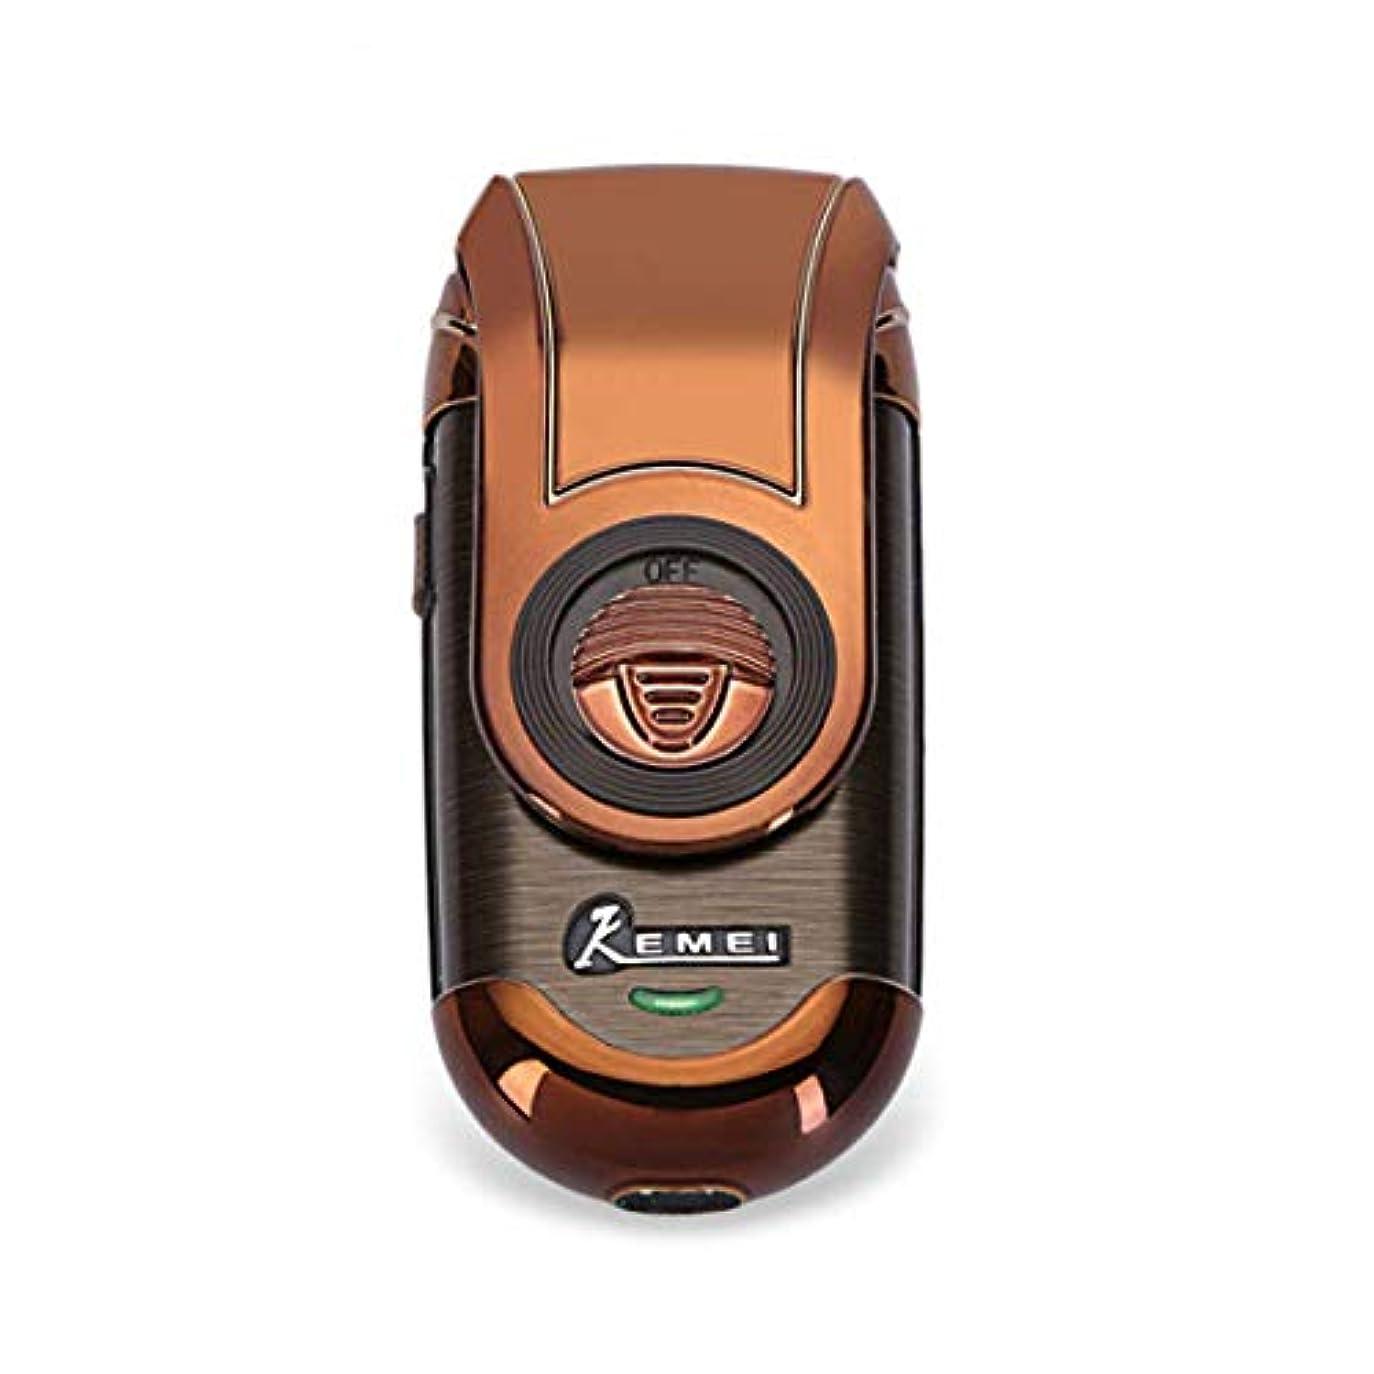 なかなか小さいパトロン再充電可能な電気かみそりコードレスひげトリマー3D浮遊刃ホイル旅行シェーバー、ポップアップトリマーを往復させる人の小型携帯用電気かみそり